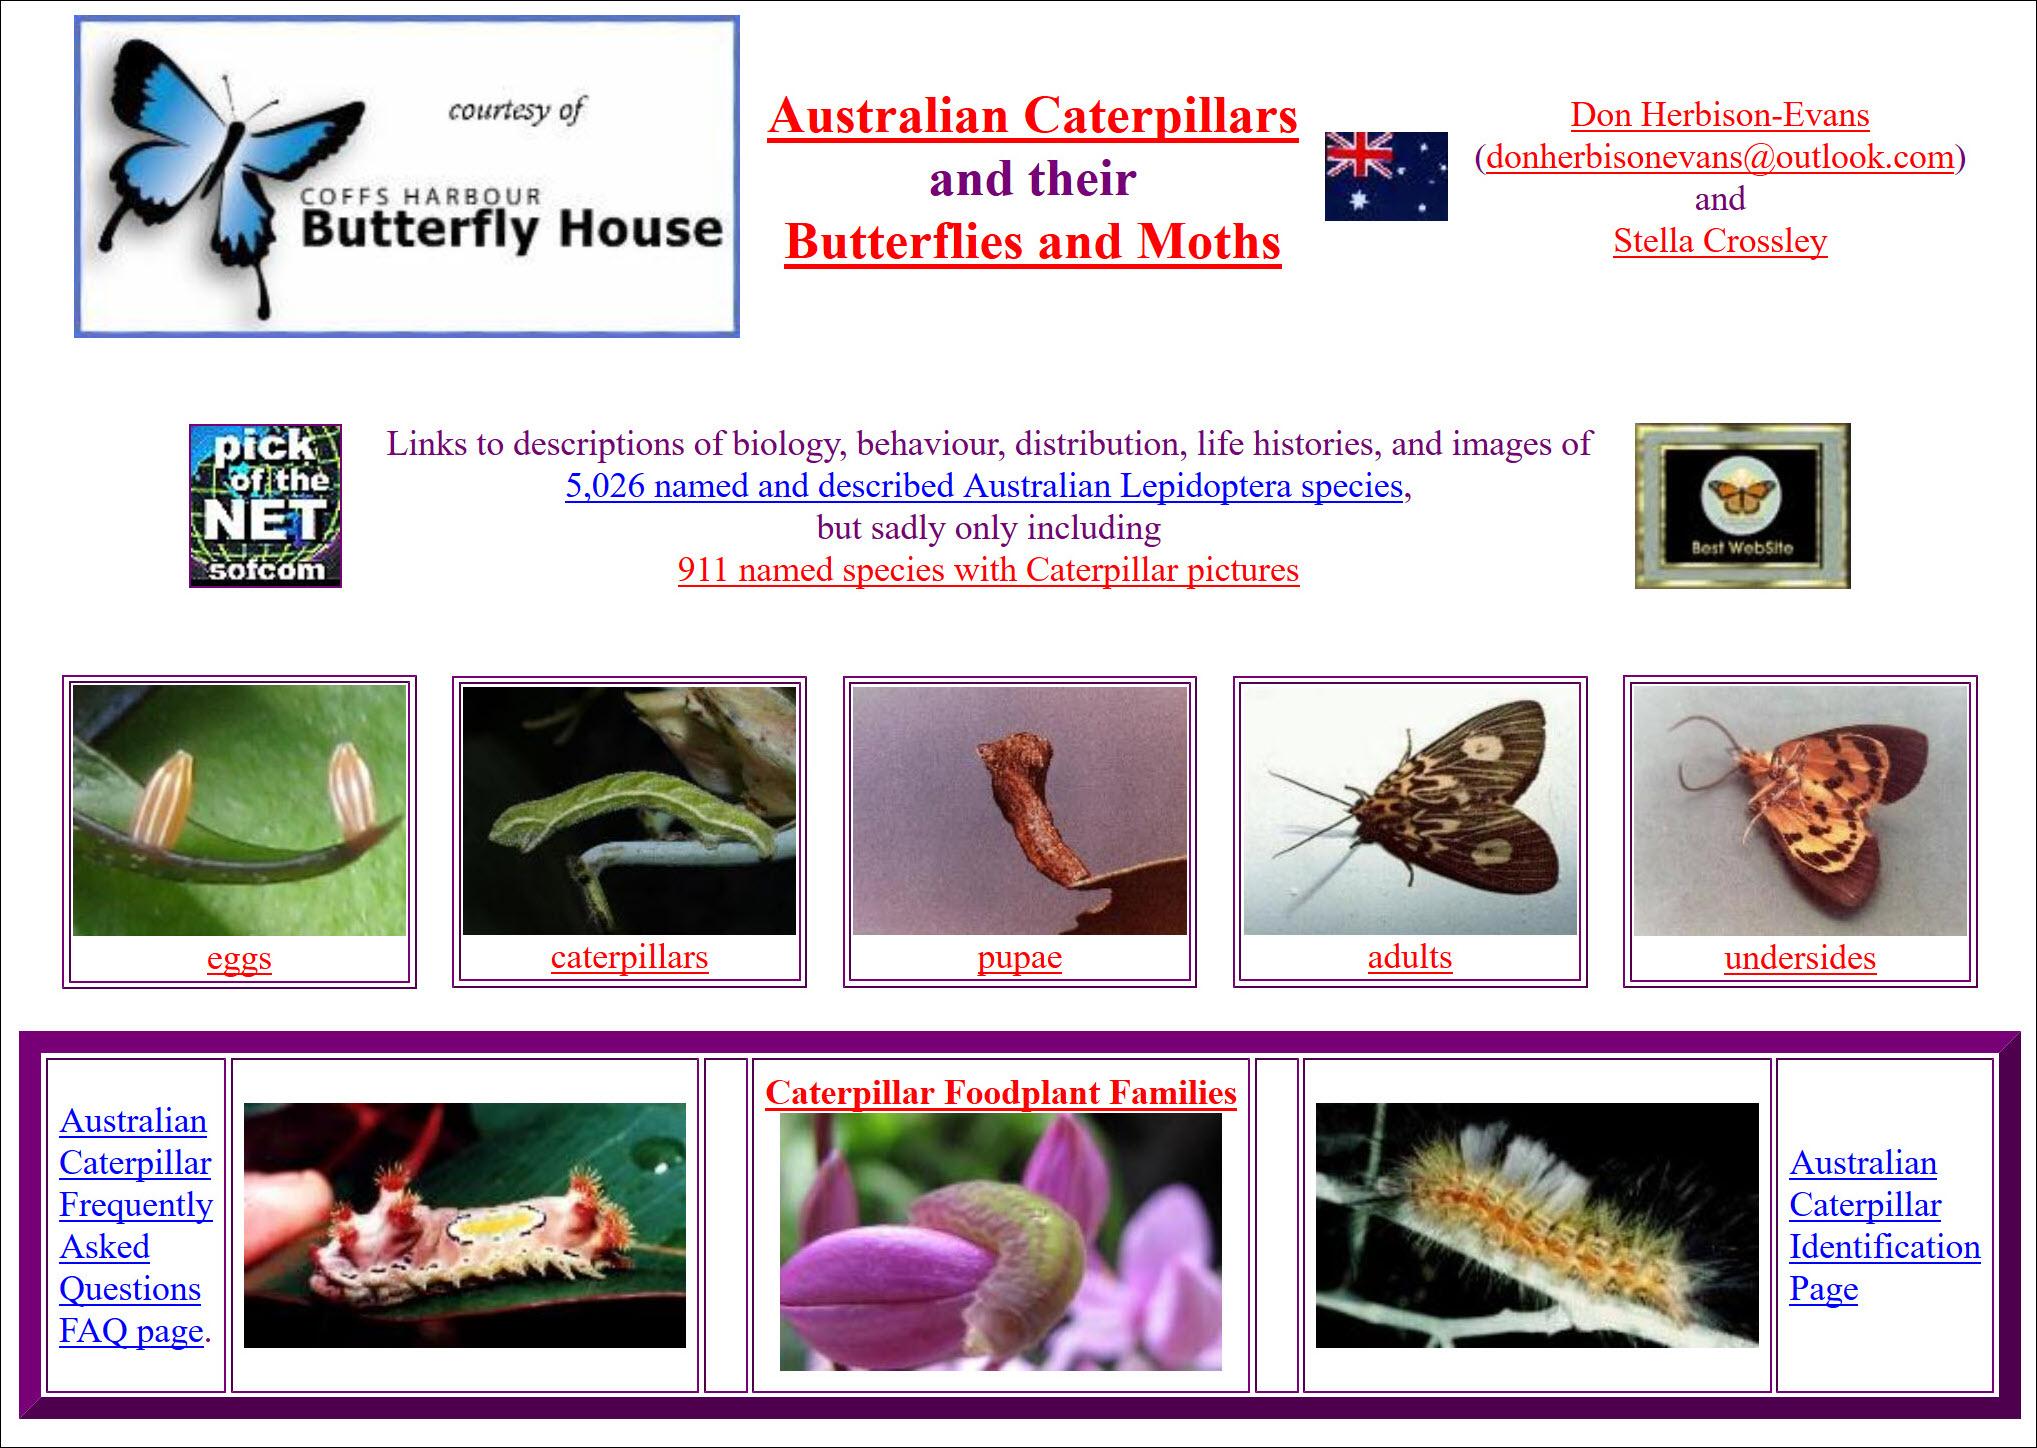 Australian Caterpillars and their Butterflies and Moths website Book Cover